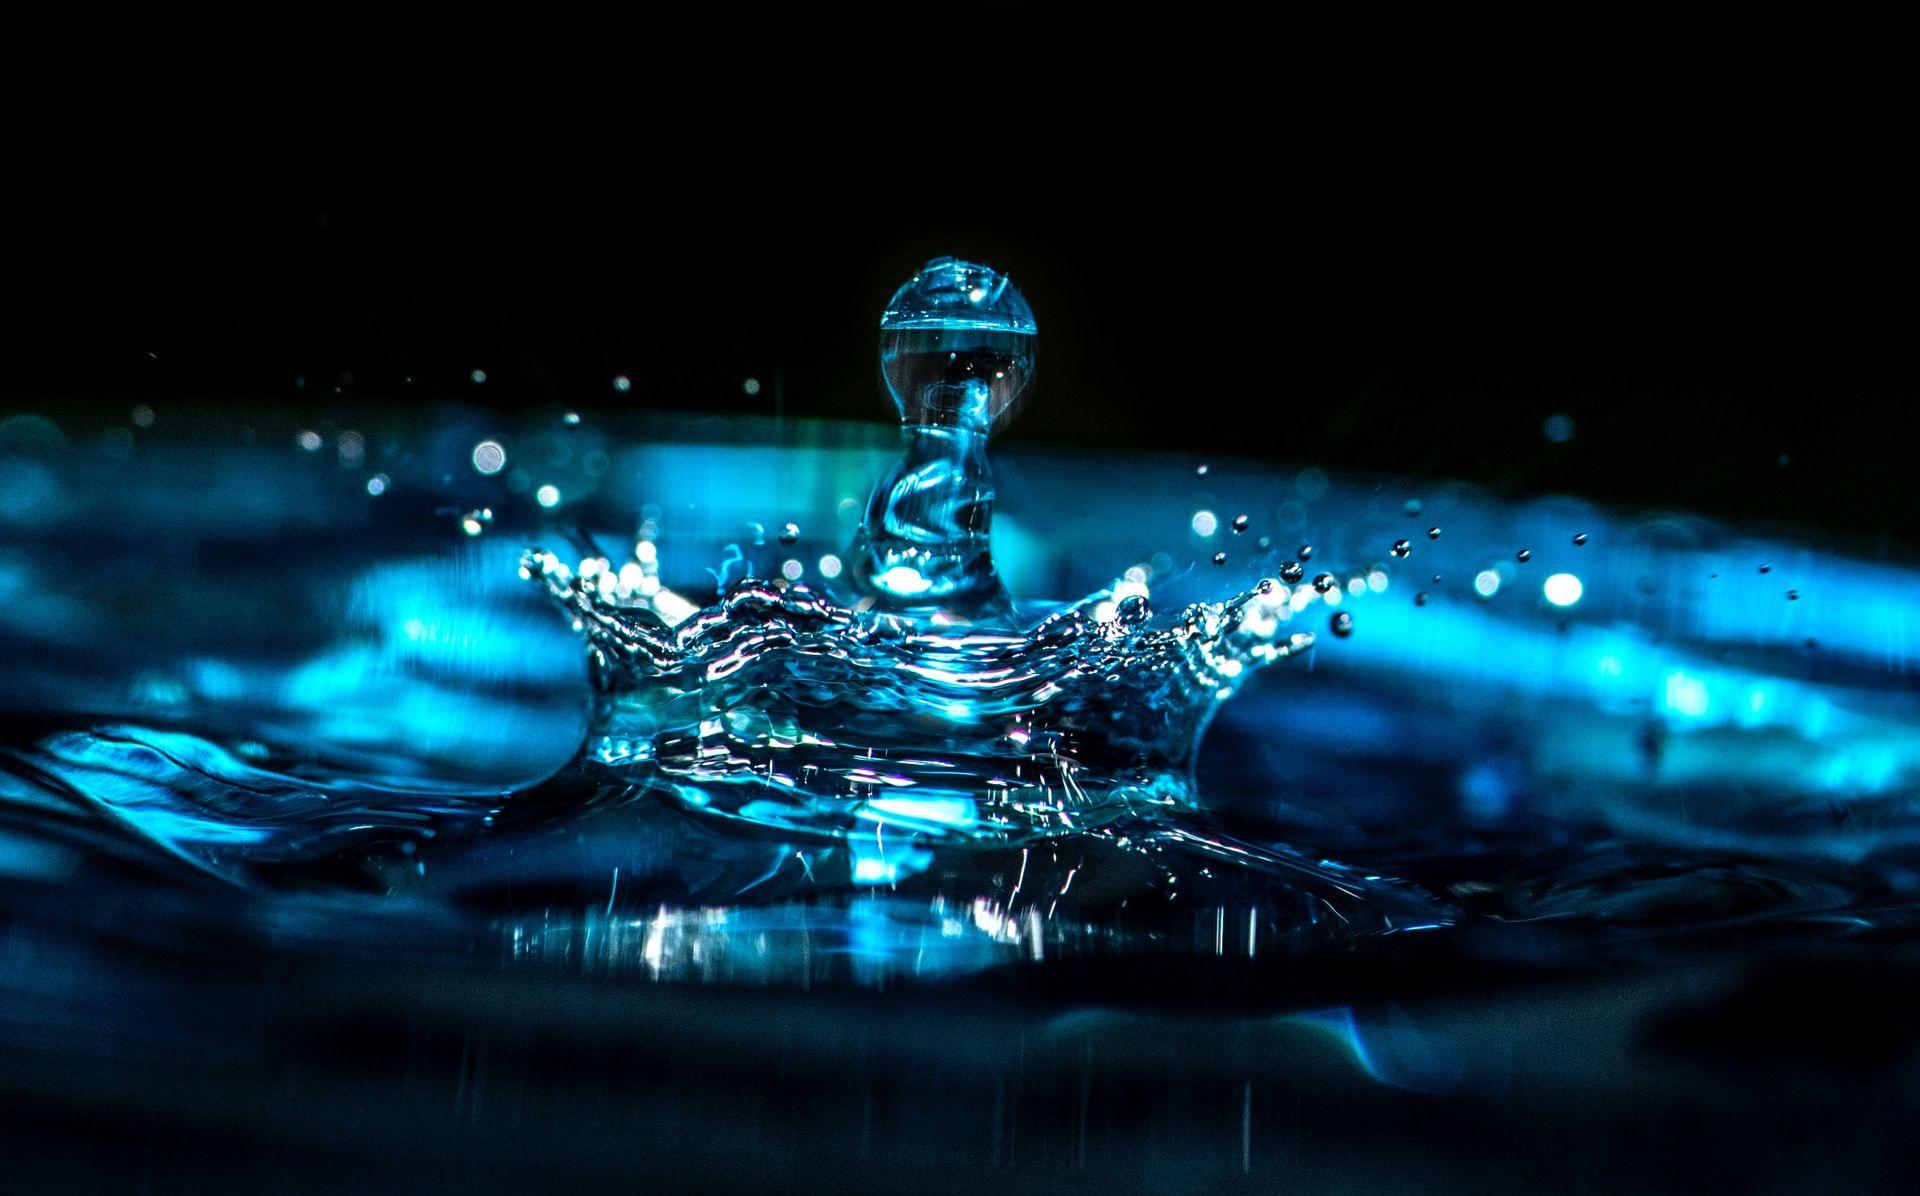 Румунія почала постачати в Україну хлор для знезараження води